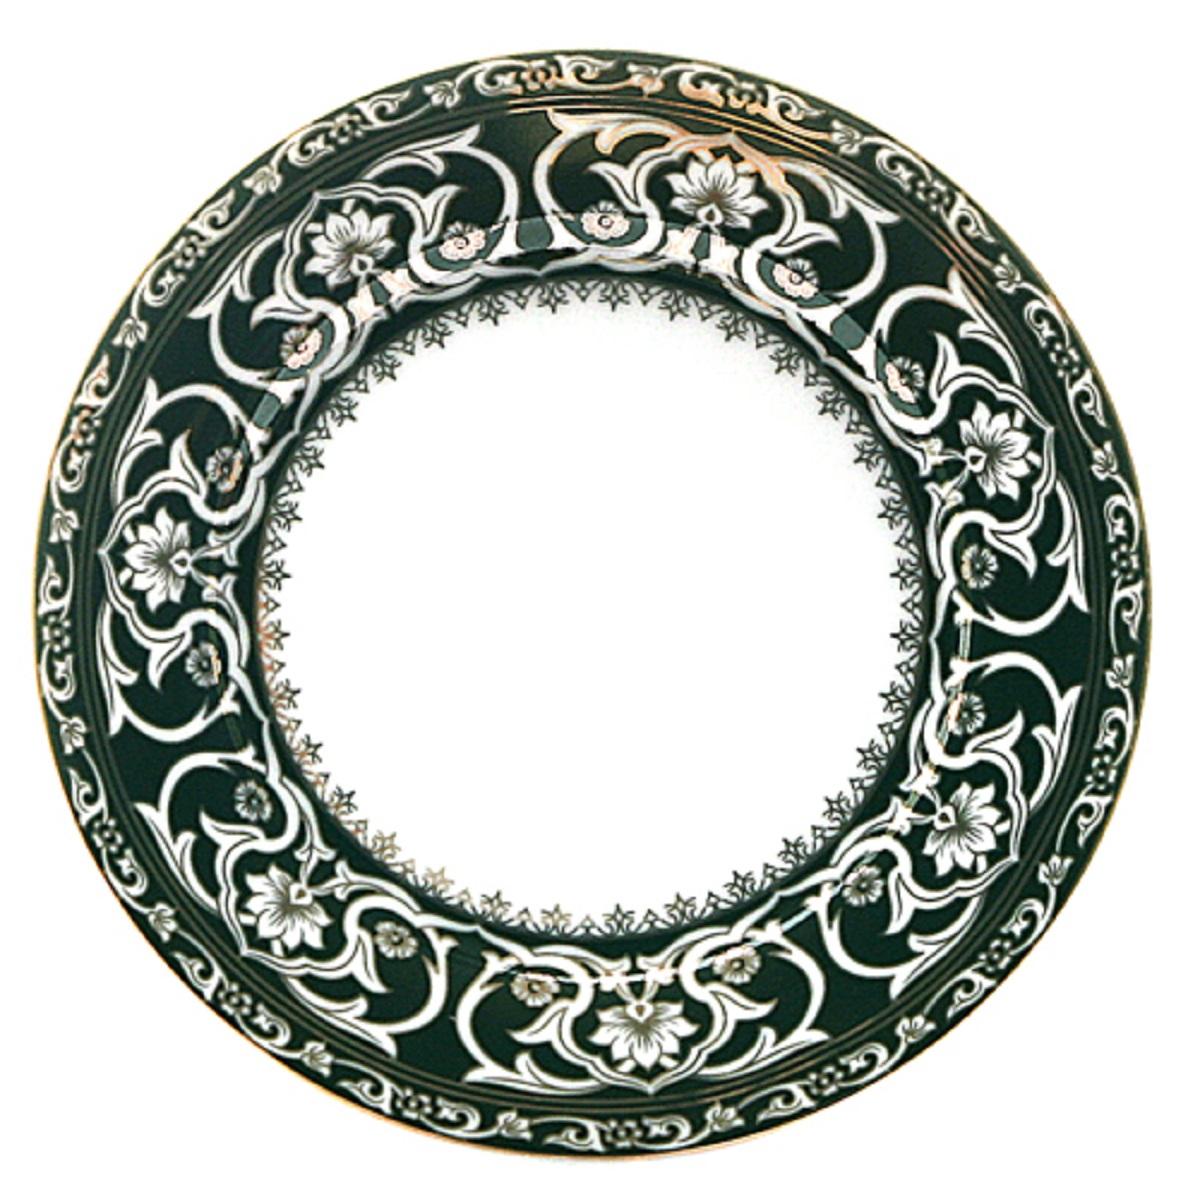 Тарелка МФК-профит Восточные узоры, диаметр 20 см щетка утюжок мфк профит восточные узоры цвет сиреневый 11 x 5 5 x 7 см